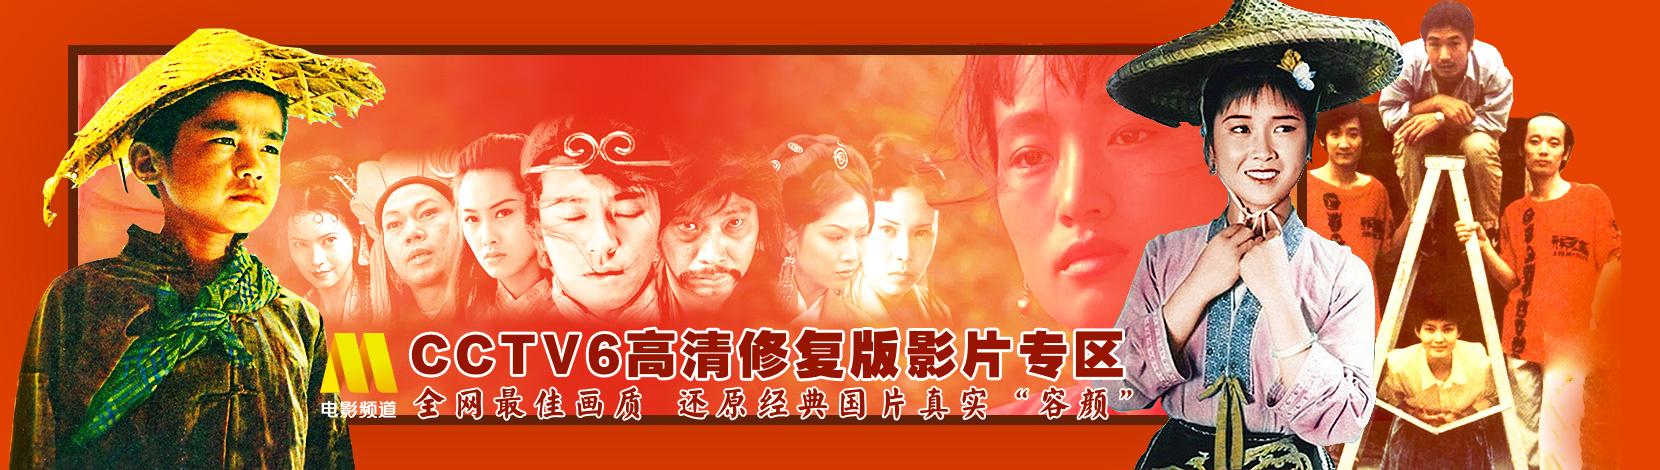 CCTV6高清修复版影片专区